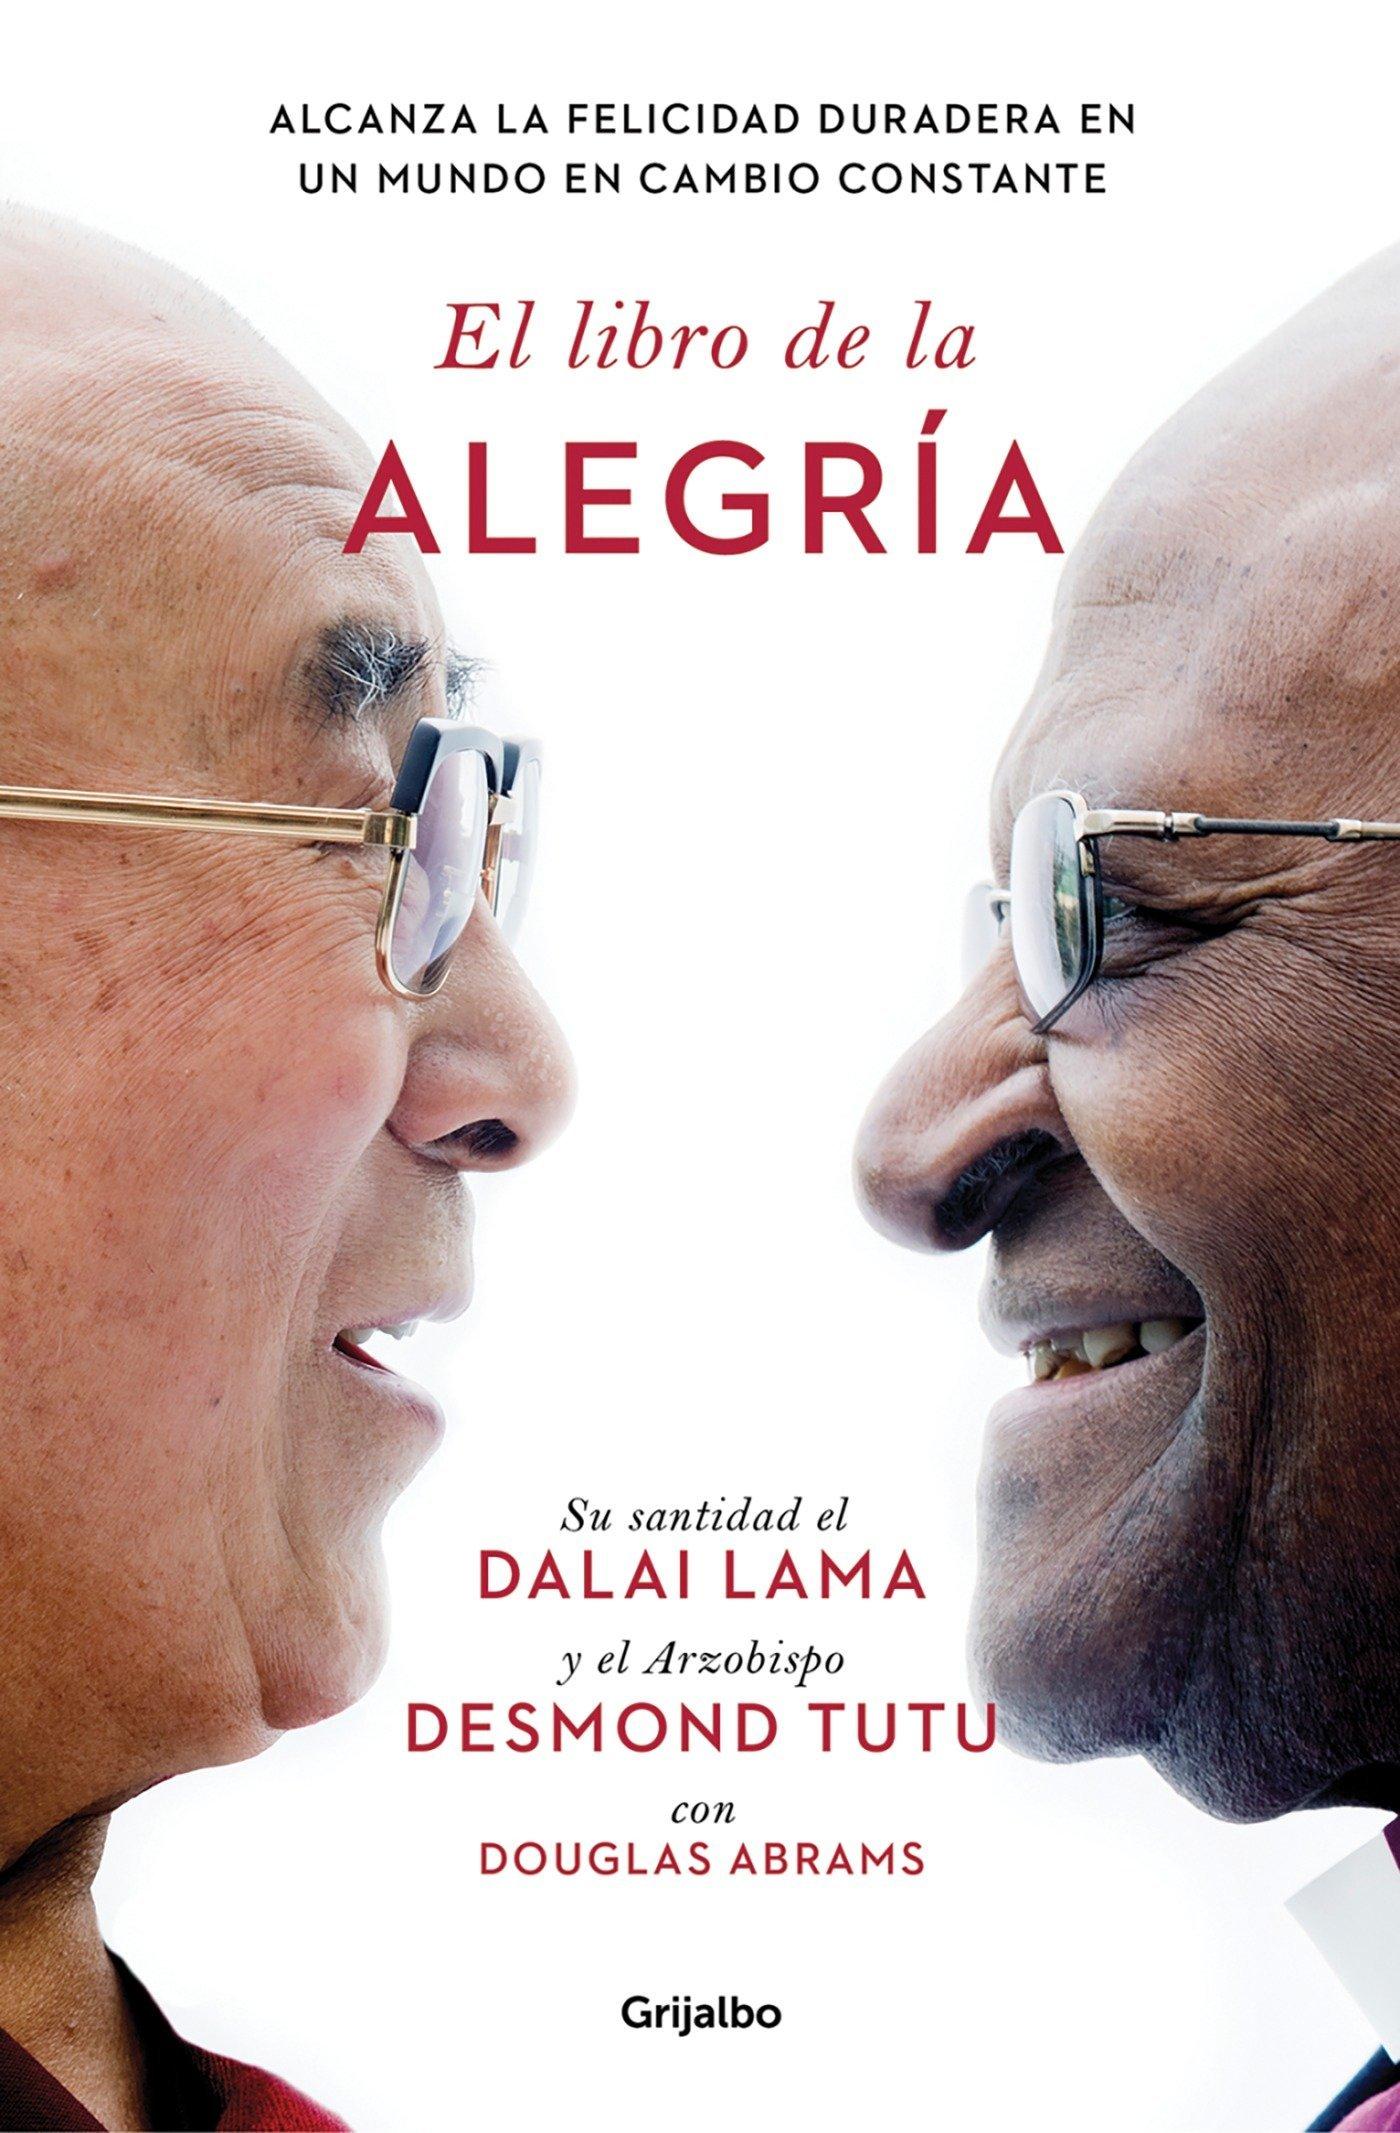 El libro de la alegría: Alcanza la felicidad duradera en un mundo en cambio constante (AUTOAYUDA SUPERACION) Tapa blanda – 3 nov 2016 Dalai Lama Desmond Tutu Douglas Abrams GRIJALBO